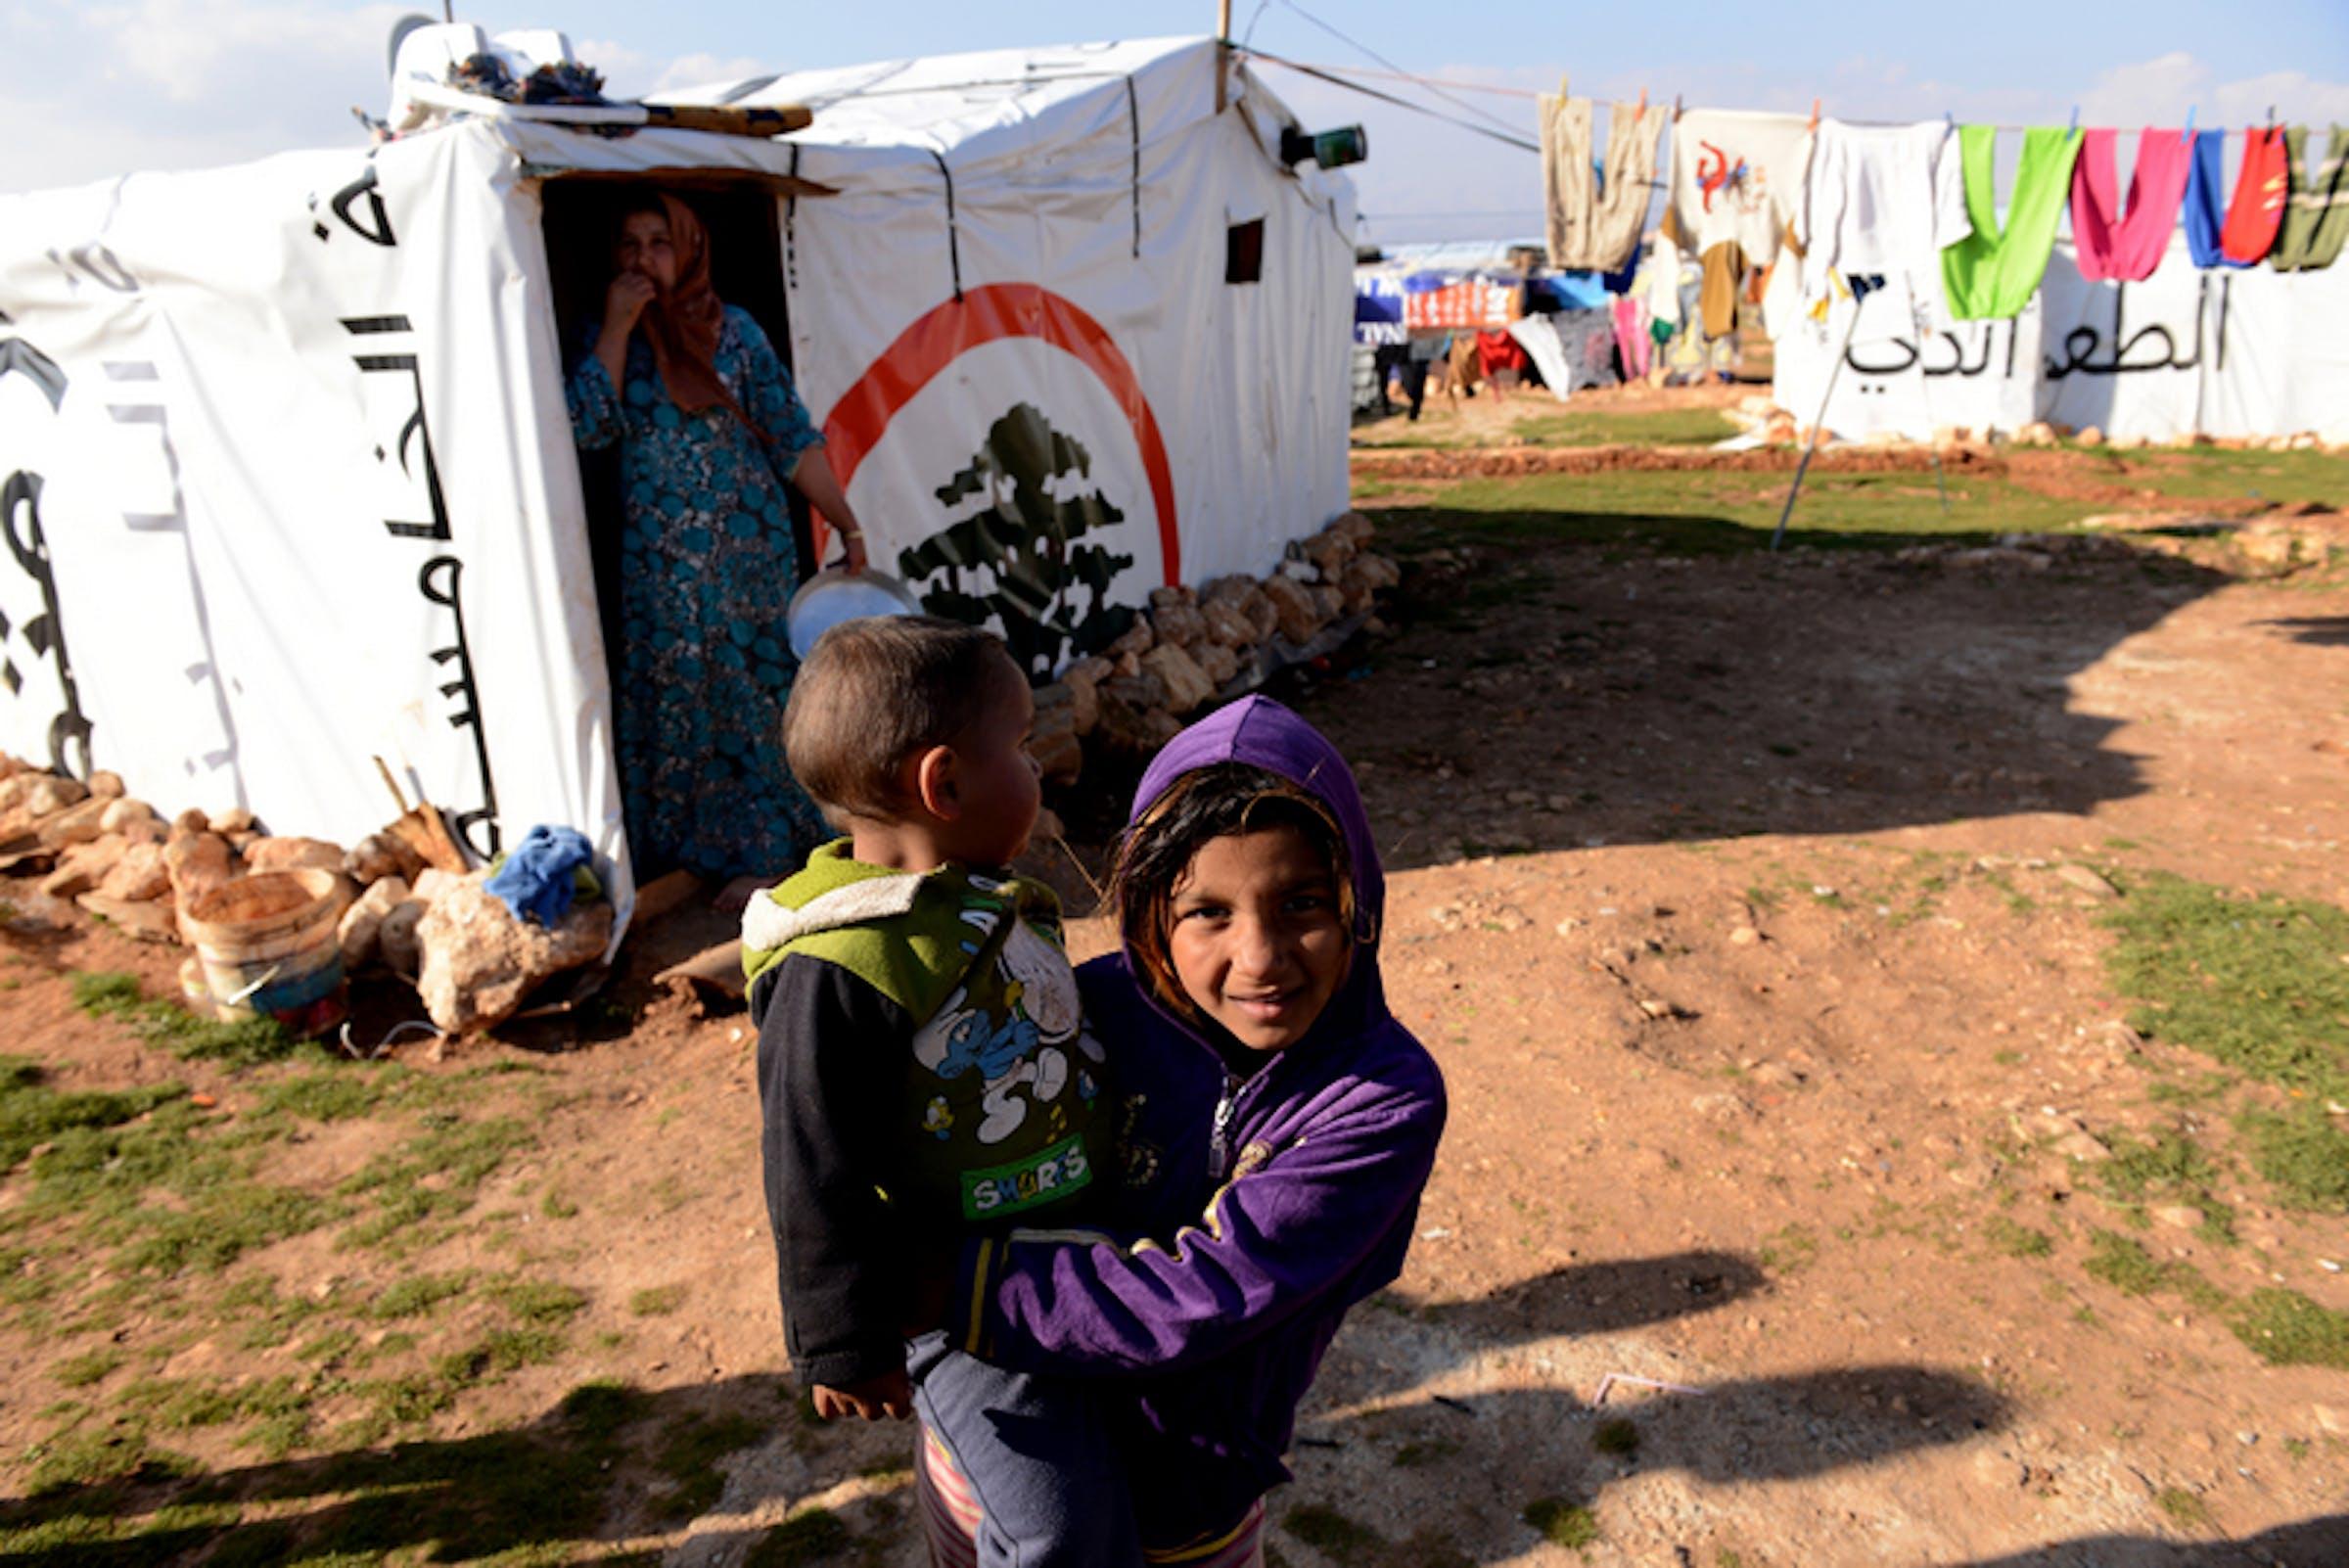 Bambini siriani in un campo profughi improvvisato nella valle della Bekaa (Libano). Come decine di migliaia di nuovi profughi, sono in attesa di essere registrati come rifugiati dall'UNHCR - ©UNICEF/NYHQ2013-0006